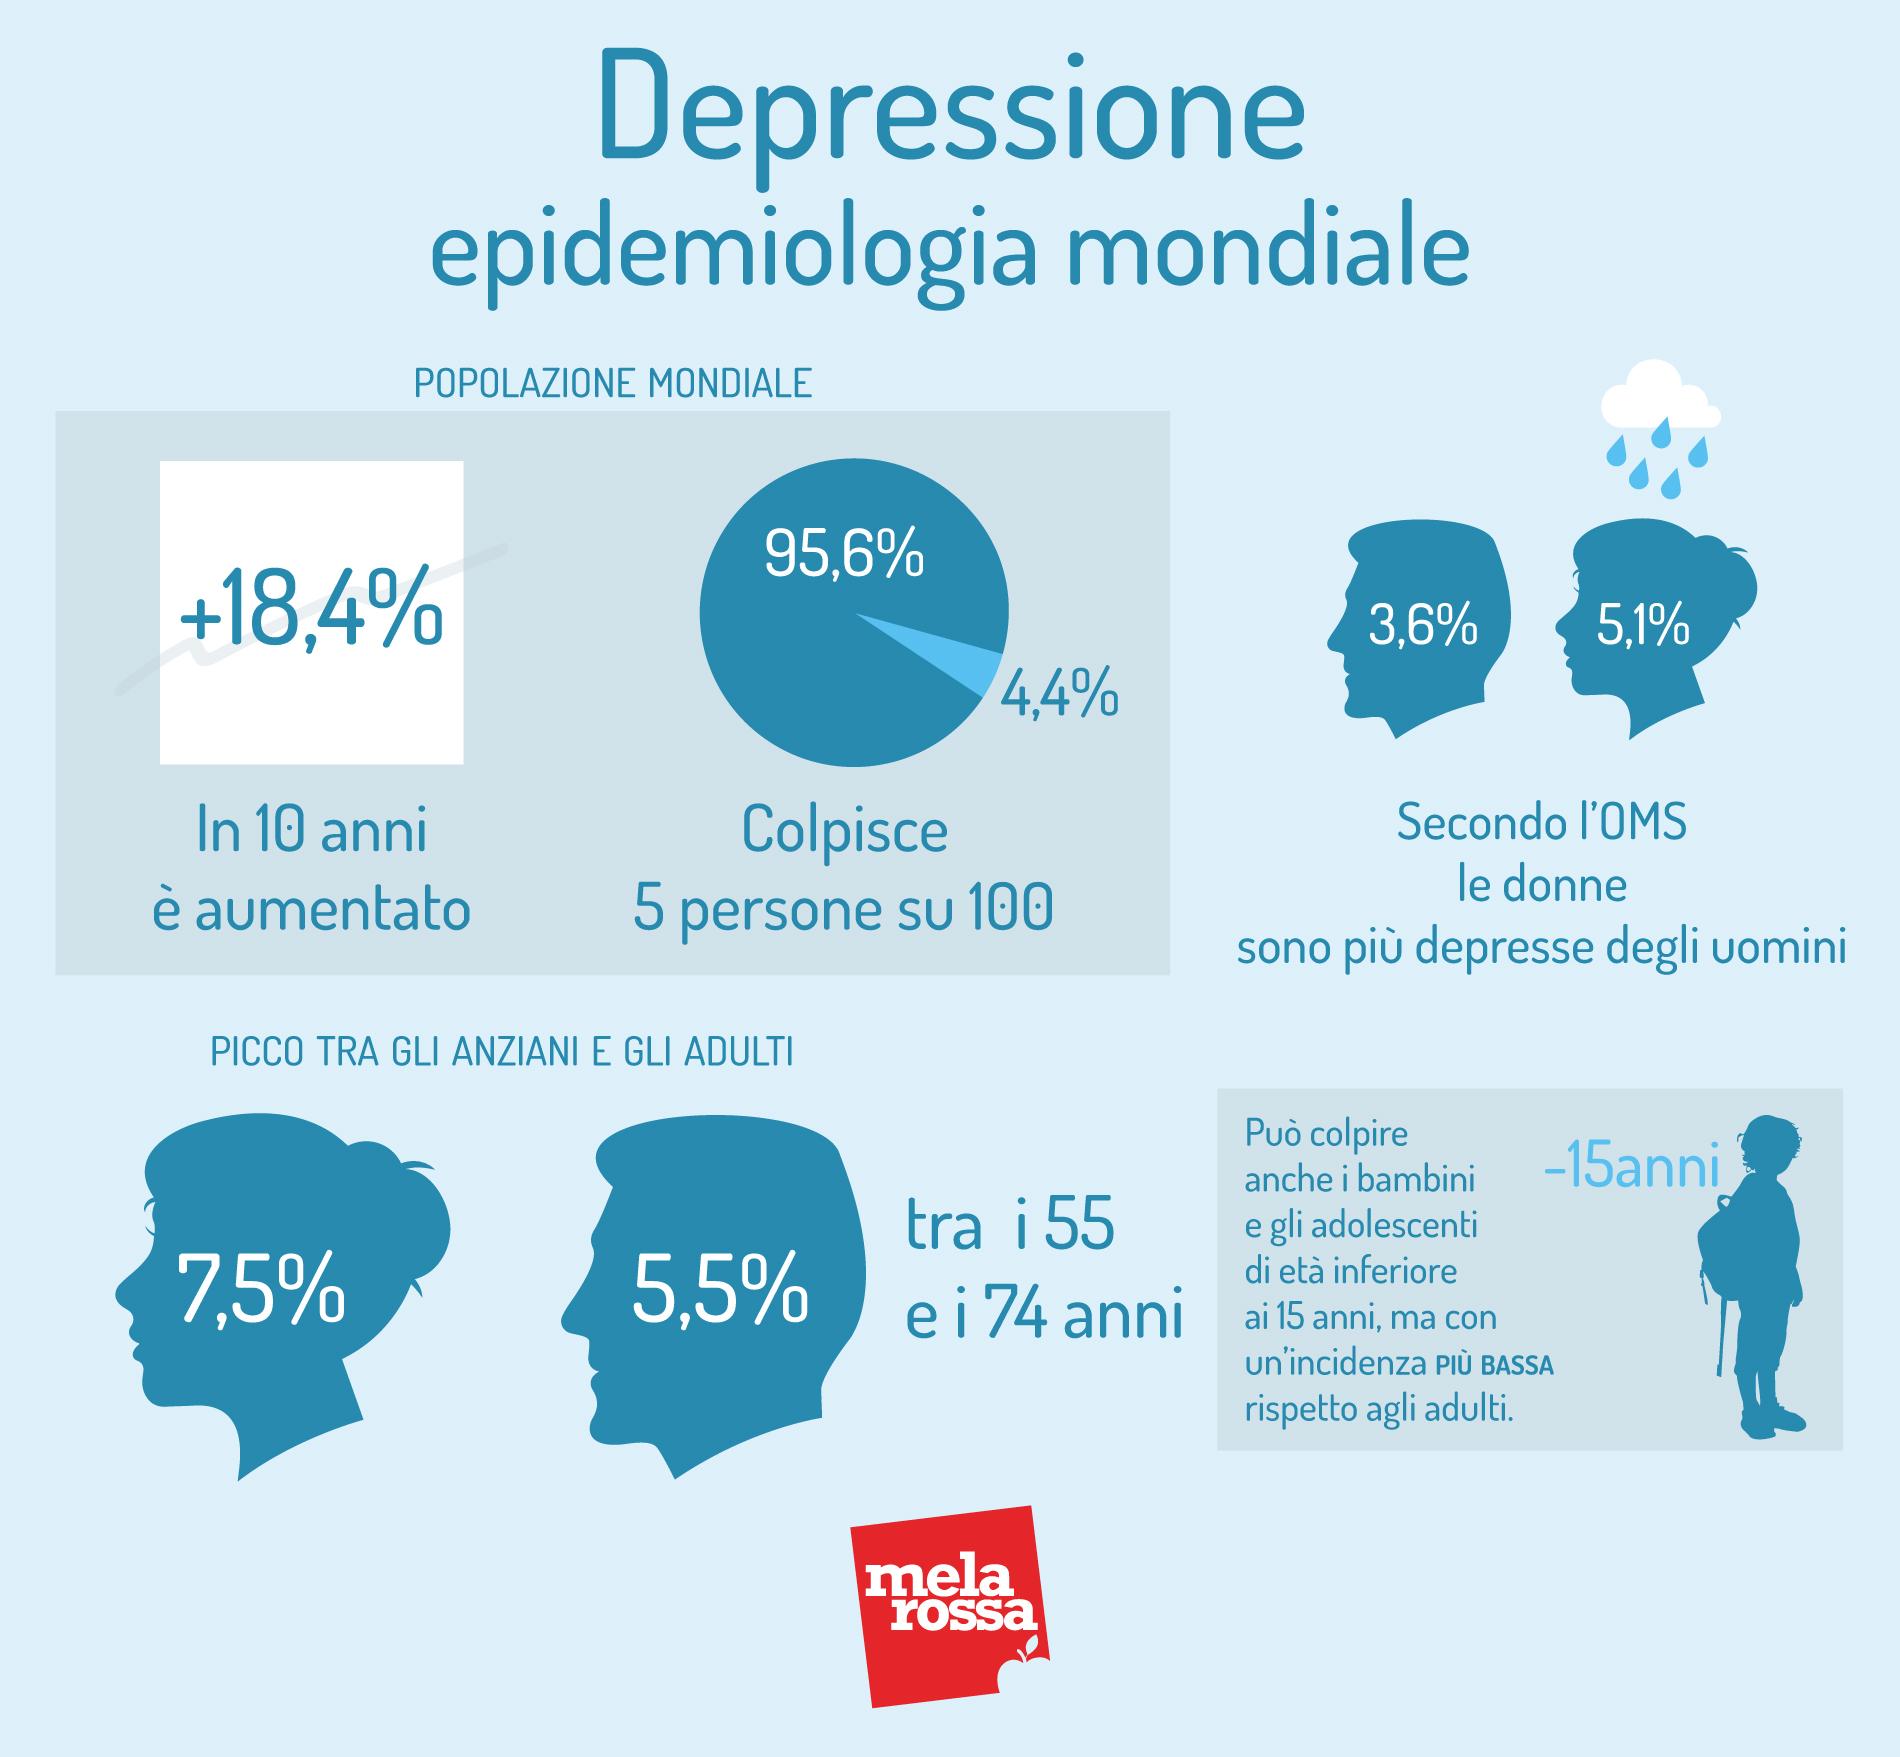 depressione: epidemiologia mondiale